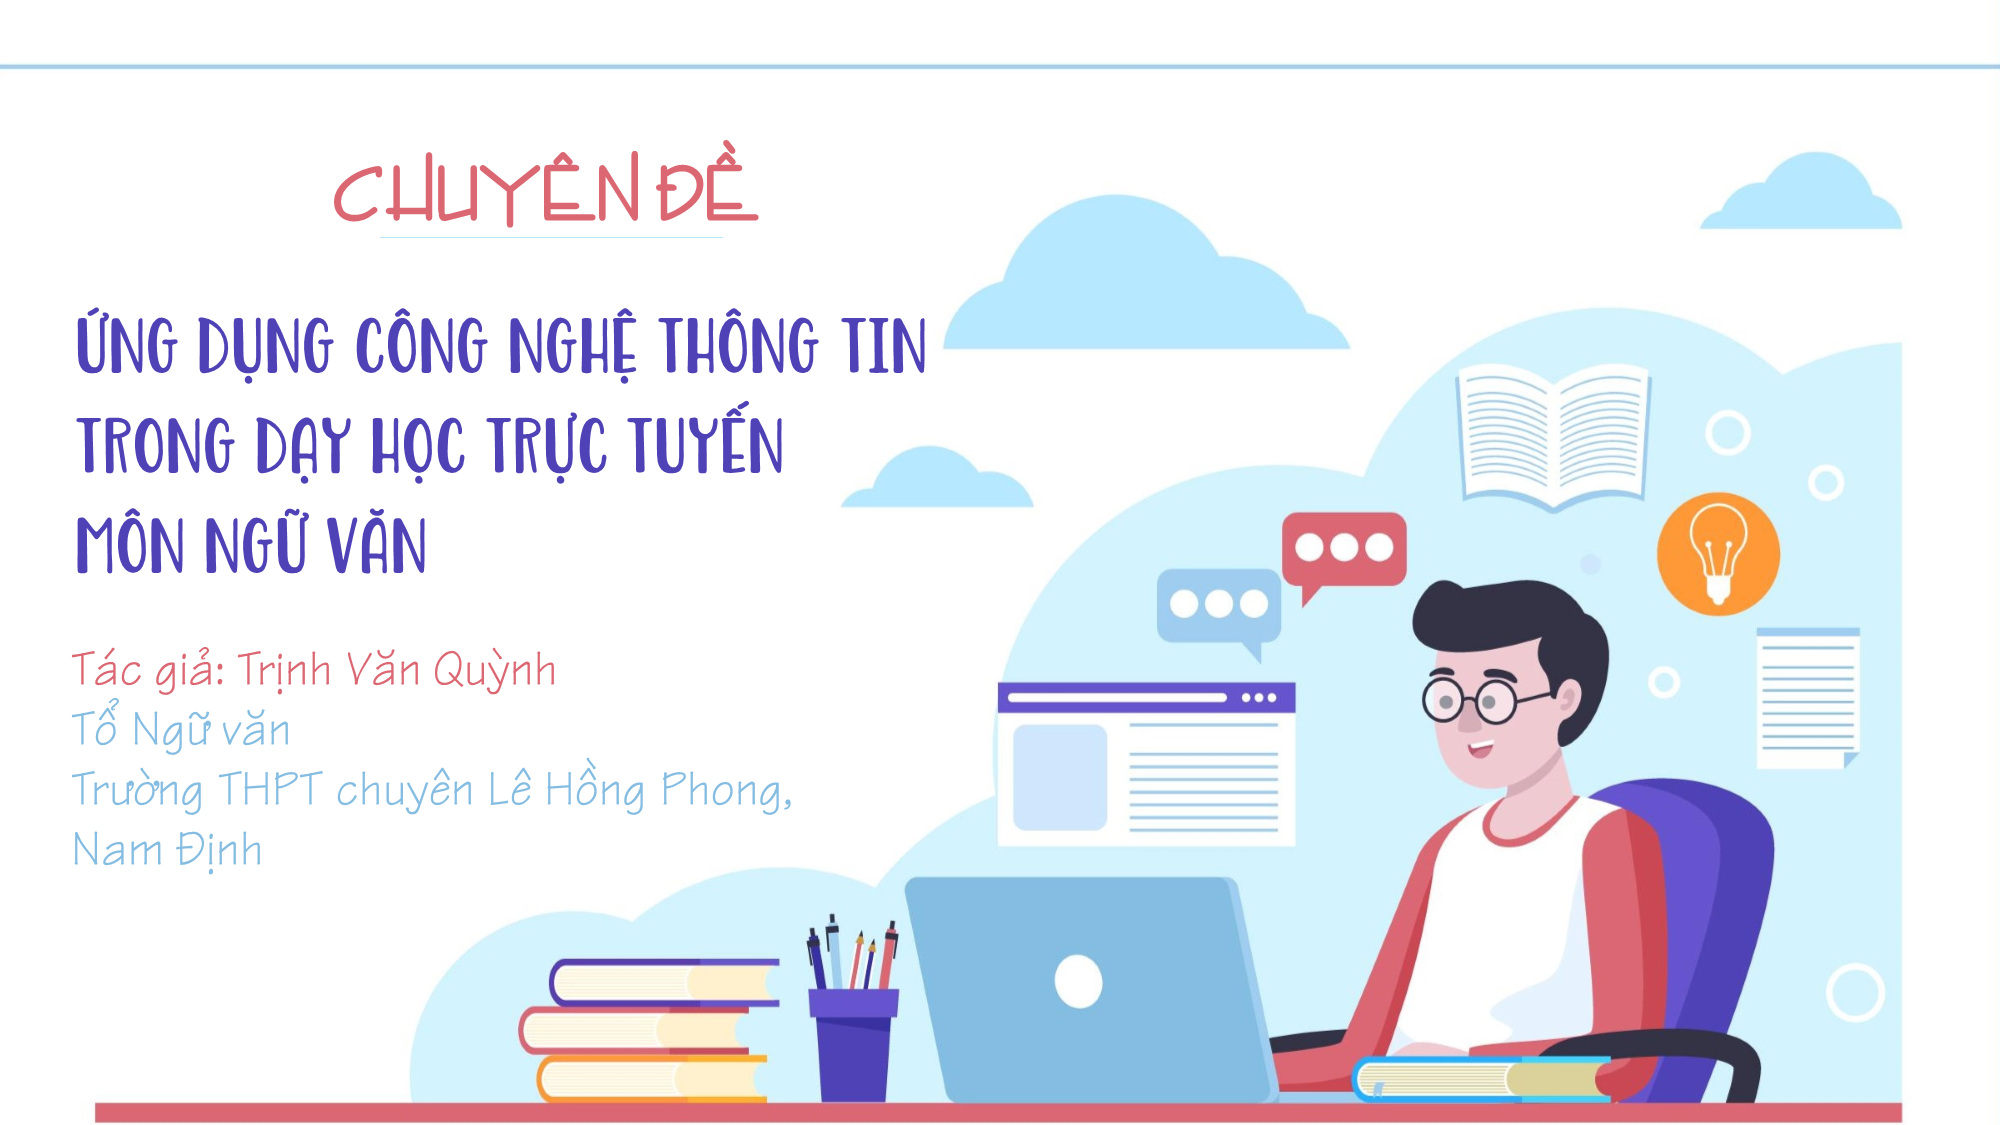 Ứng dụng Công nghệ thông tin trong dạy học trực tuyến môn Ngữ văn